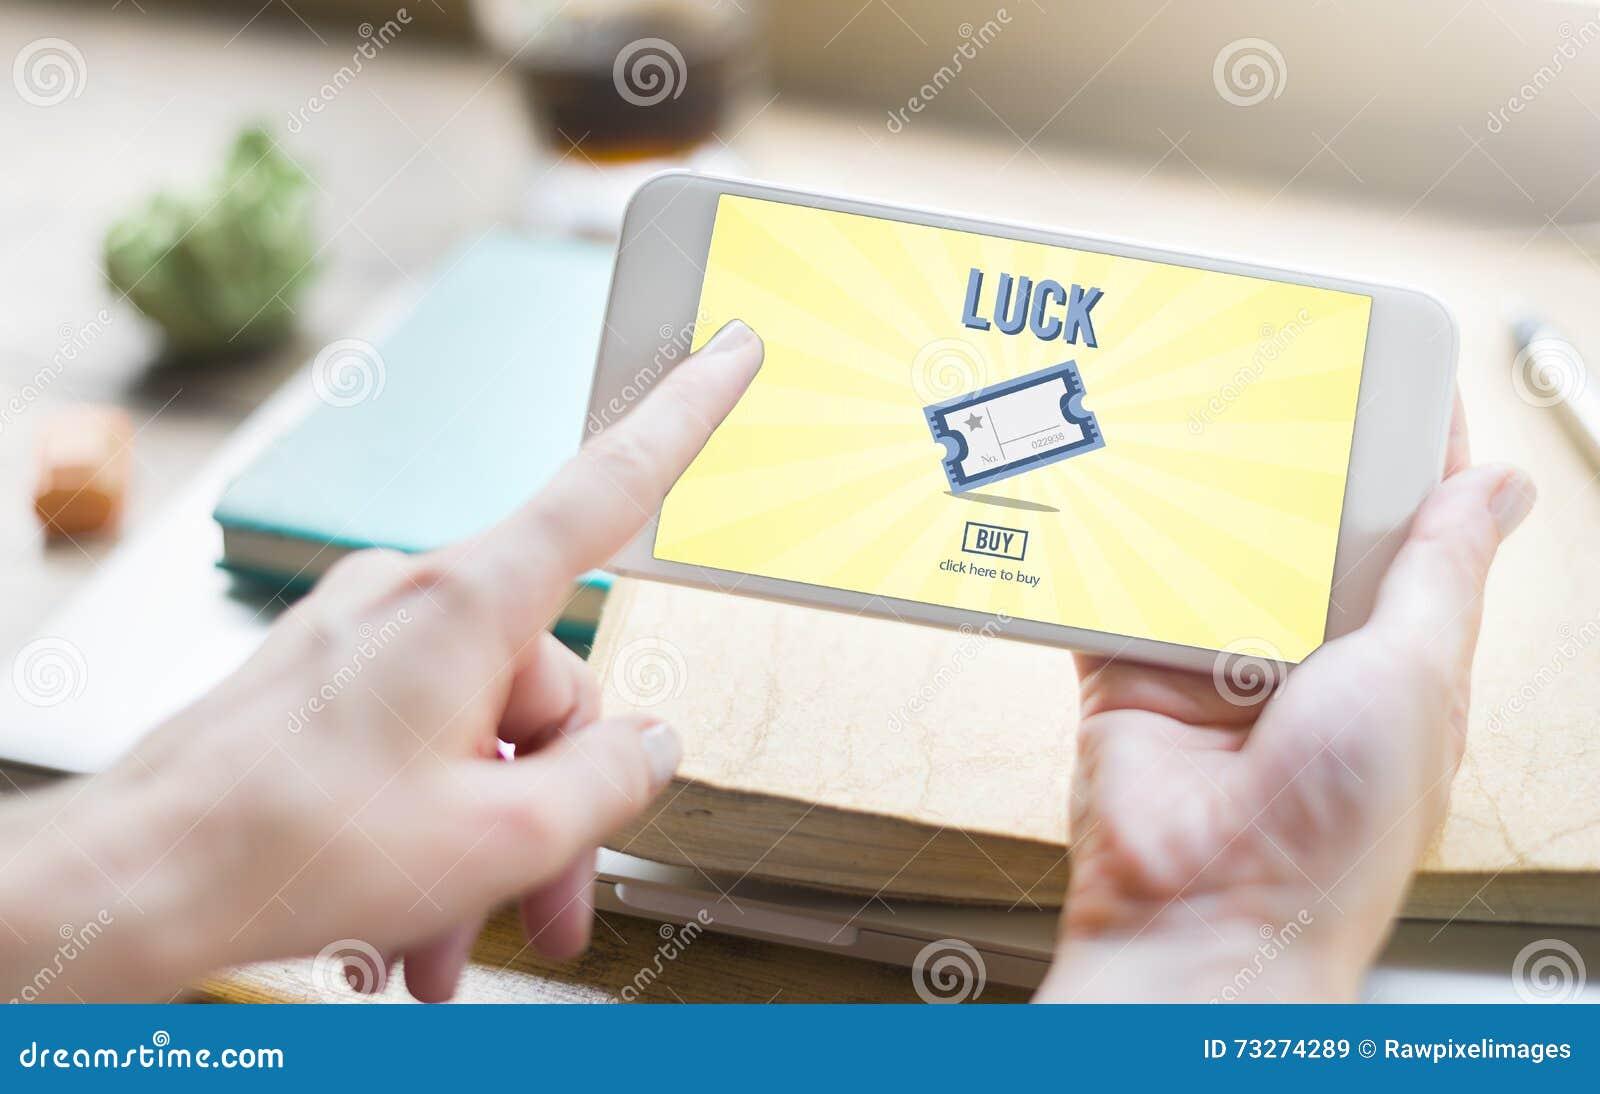 La chance de jeu de gros lot entrent pour gagner le concept de billet de loto